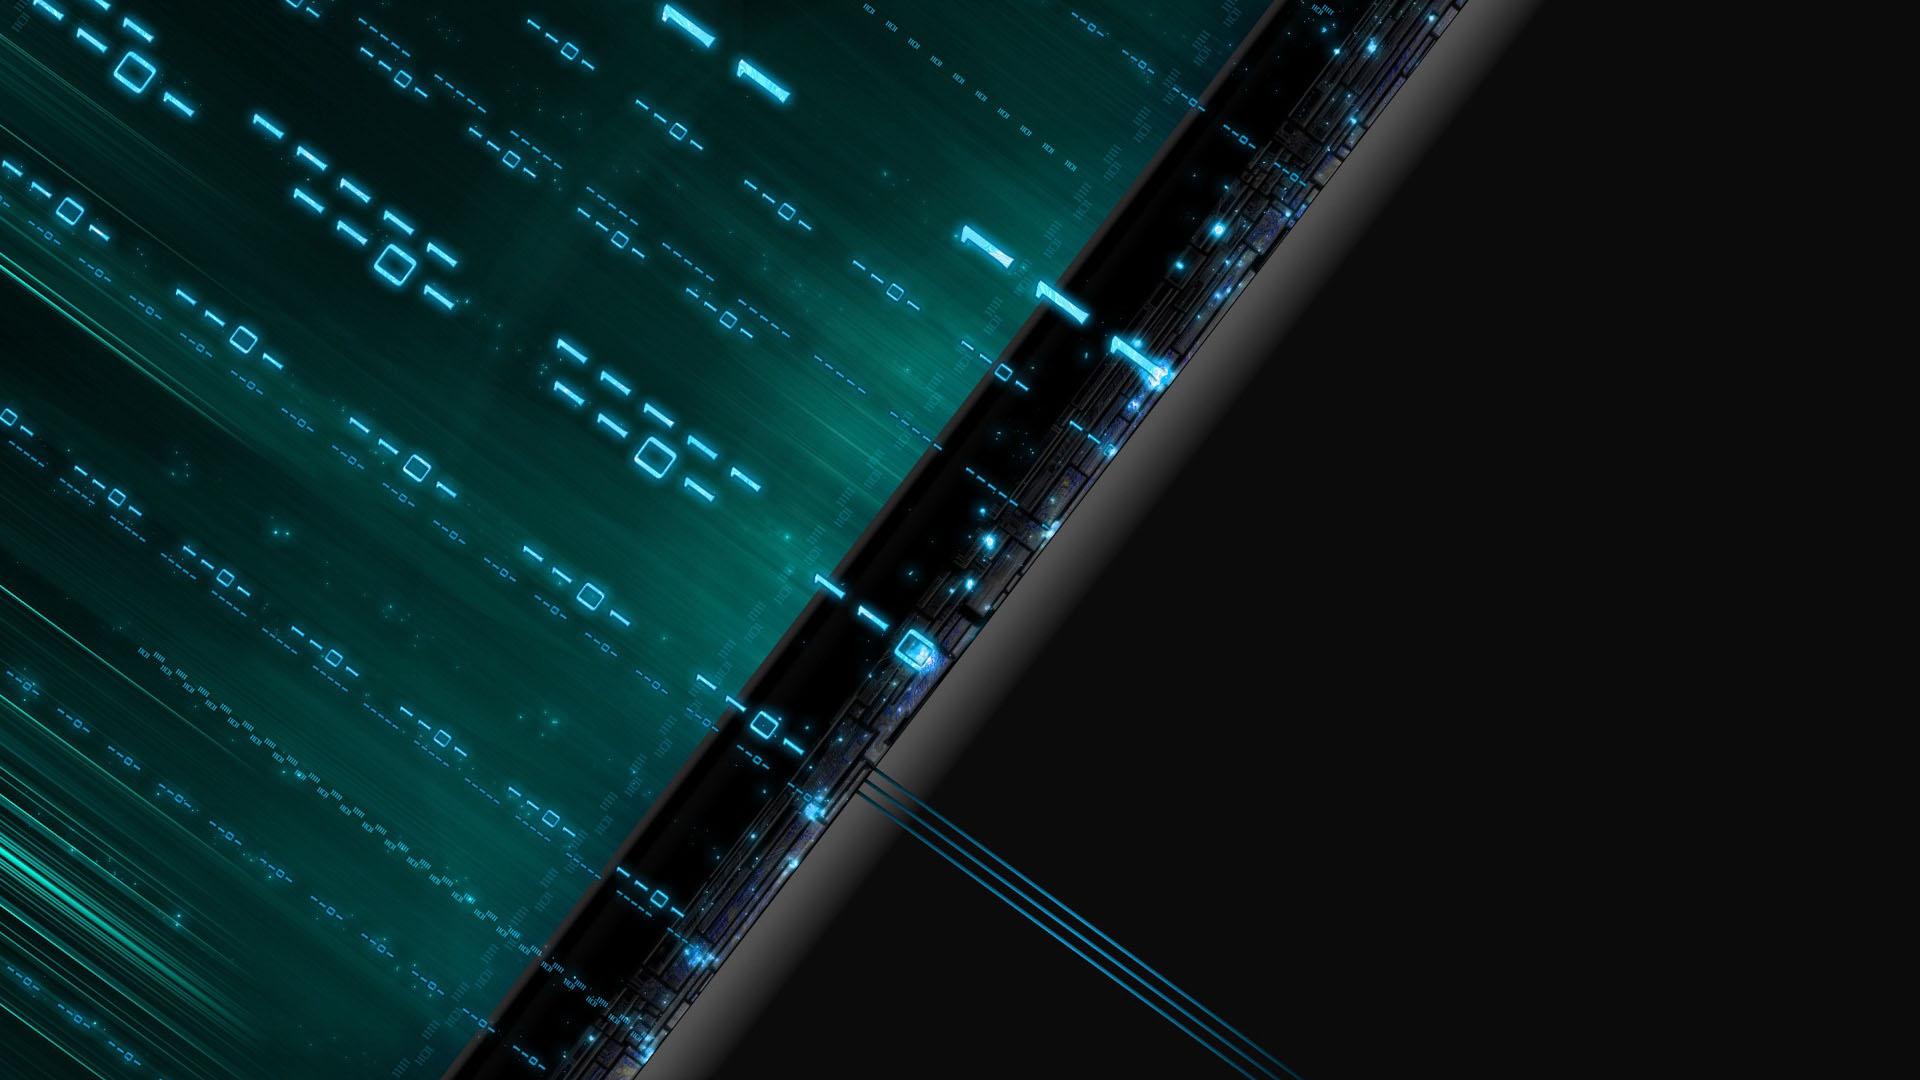 Perun 内网渗透扫描神器